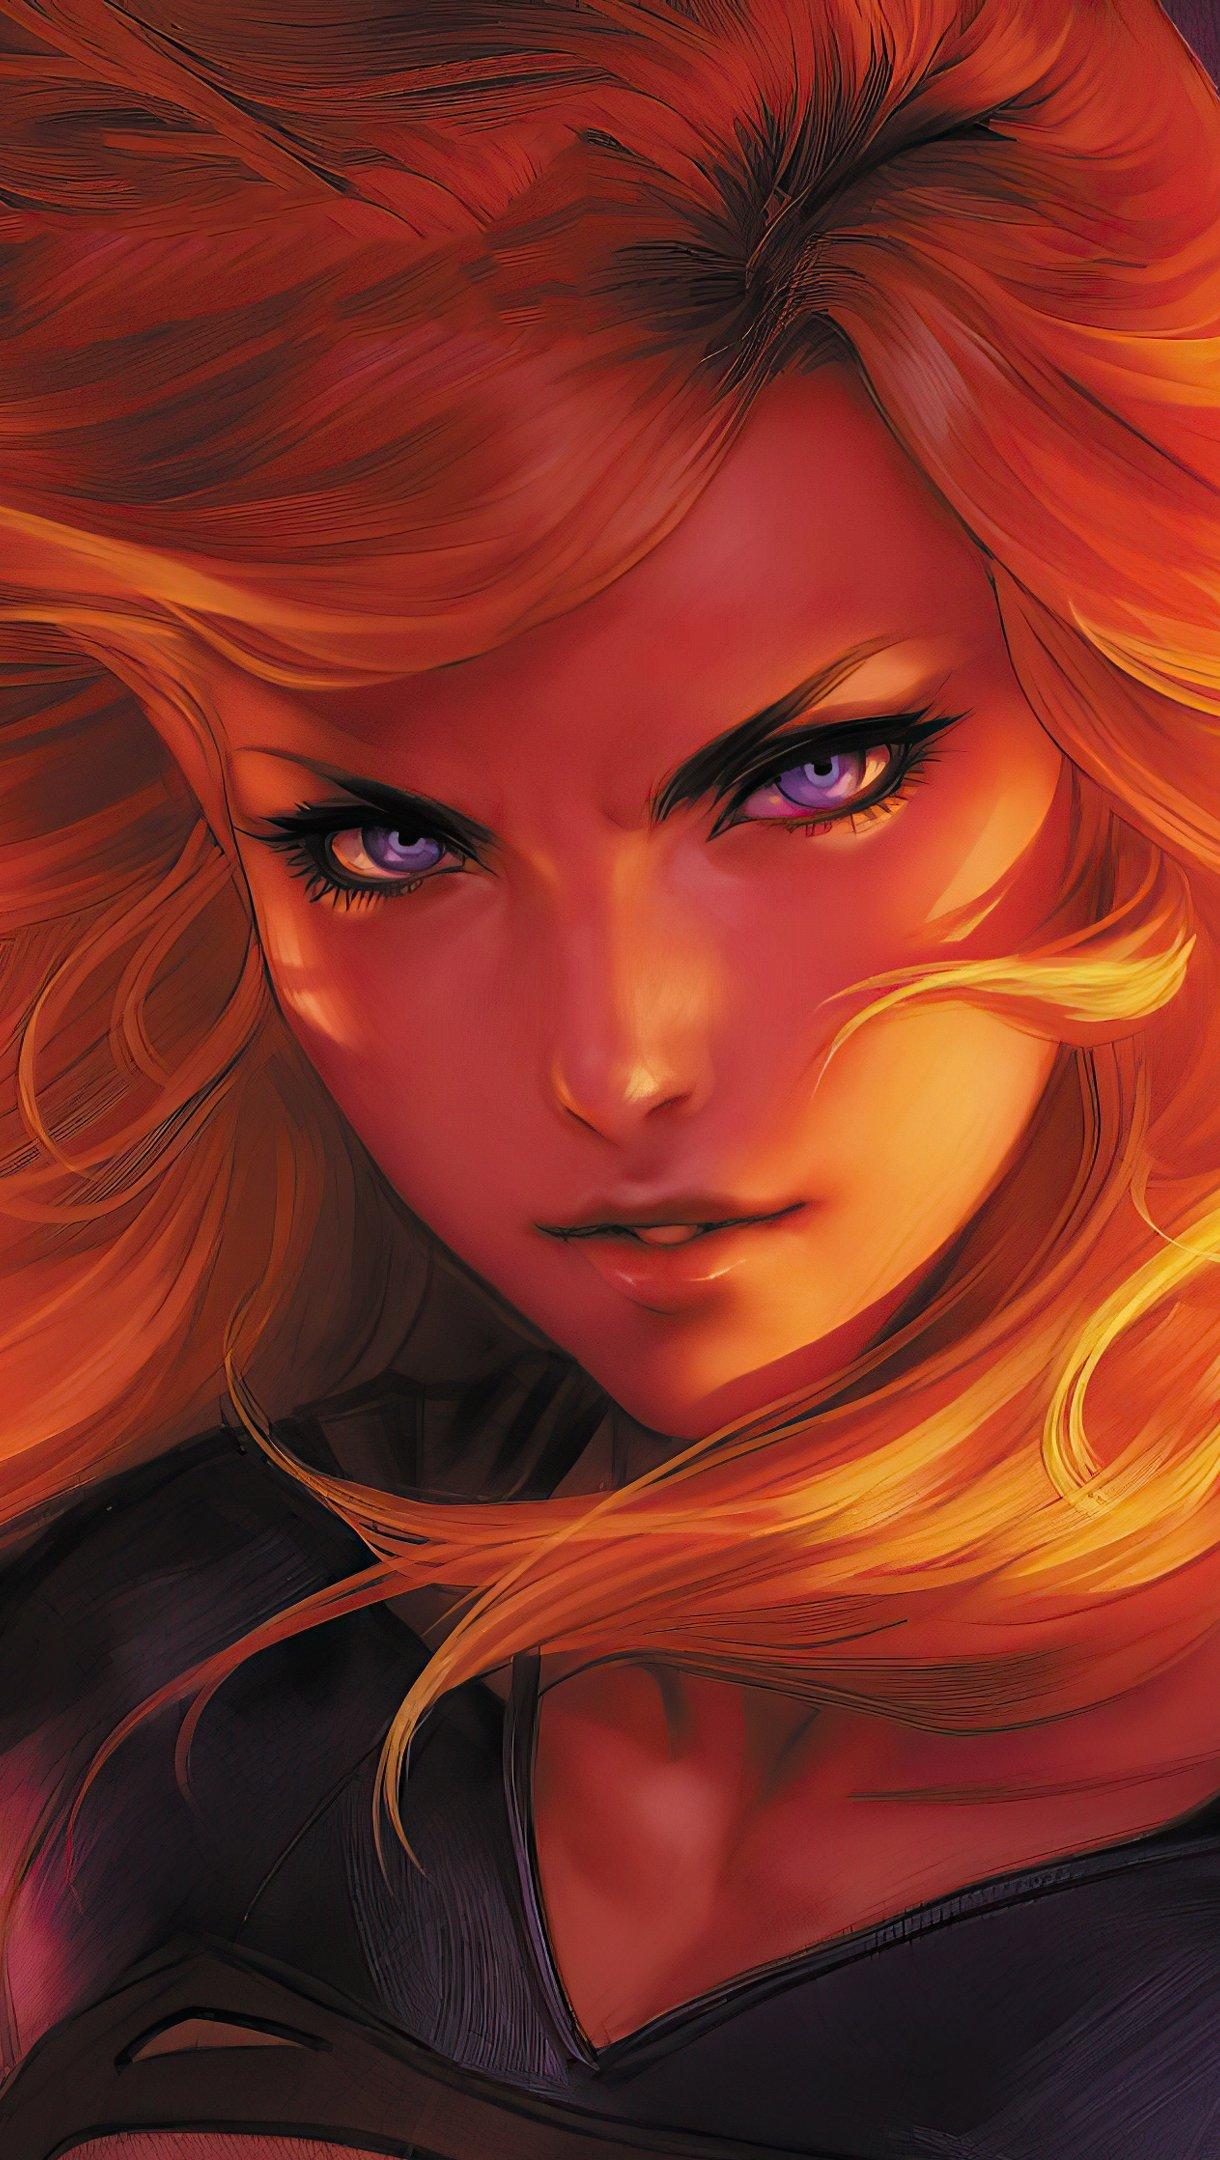 Fondos de pantalla Supergirl en fuego Fanart Vertical